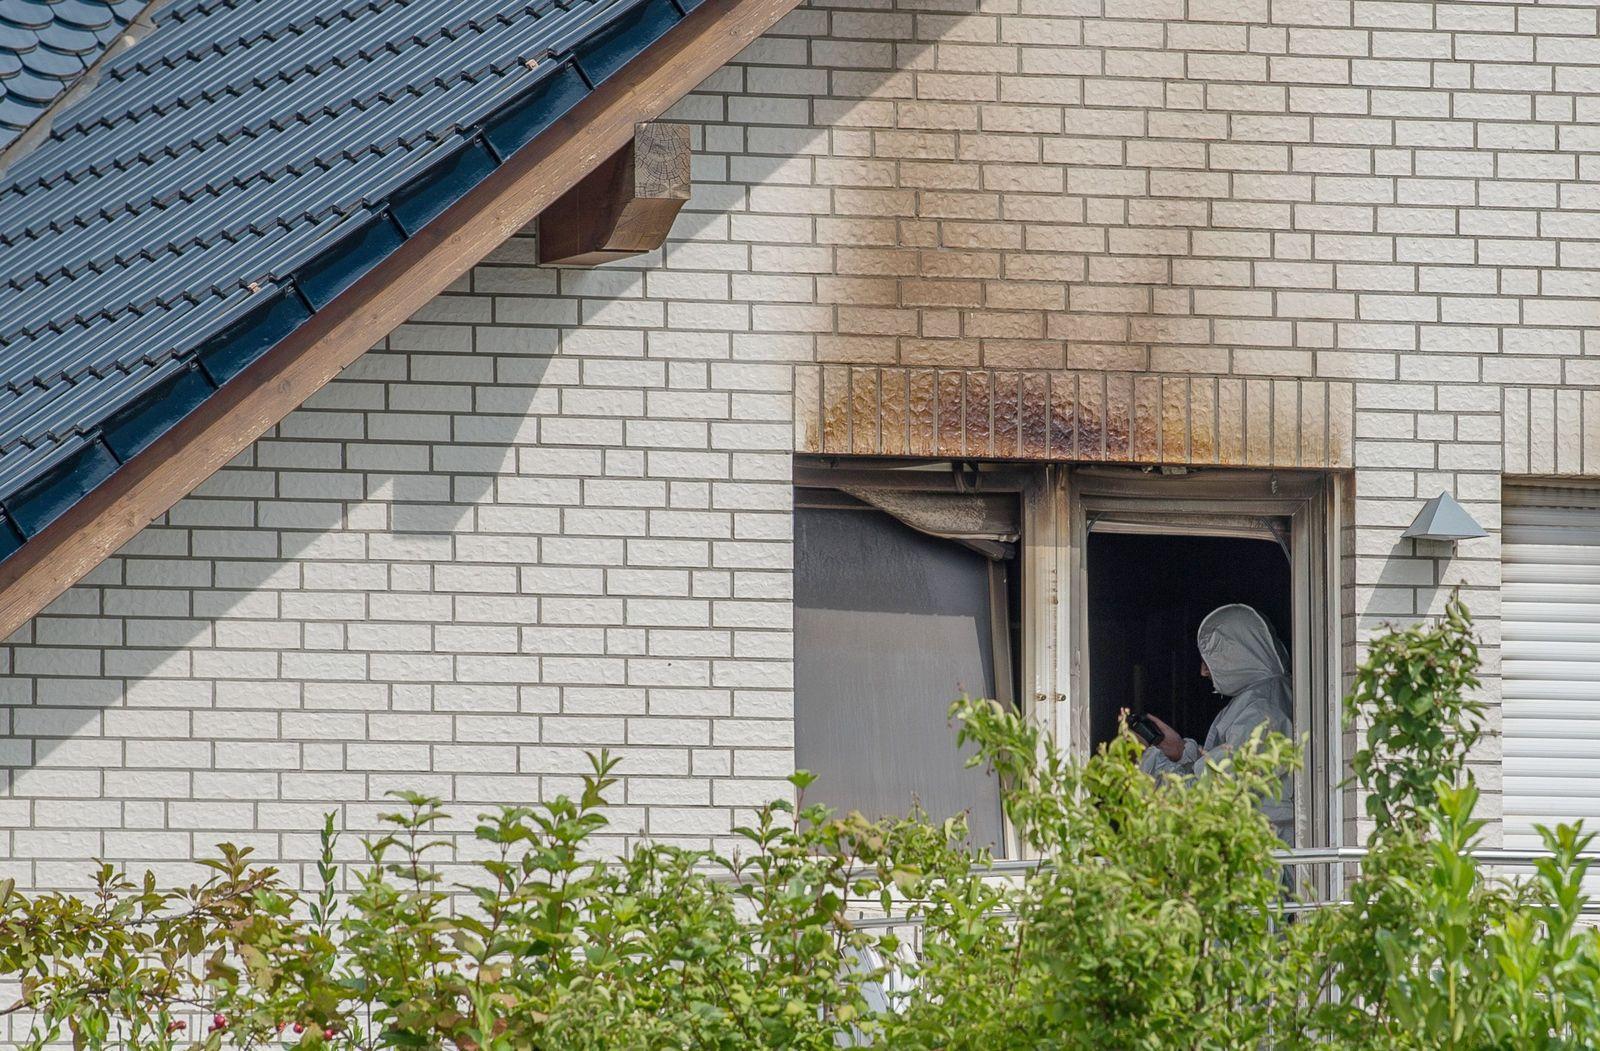 Zwei tote Kinder in brennendem Haus gefunden